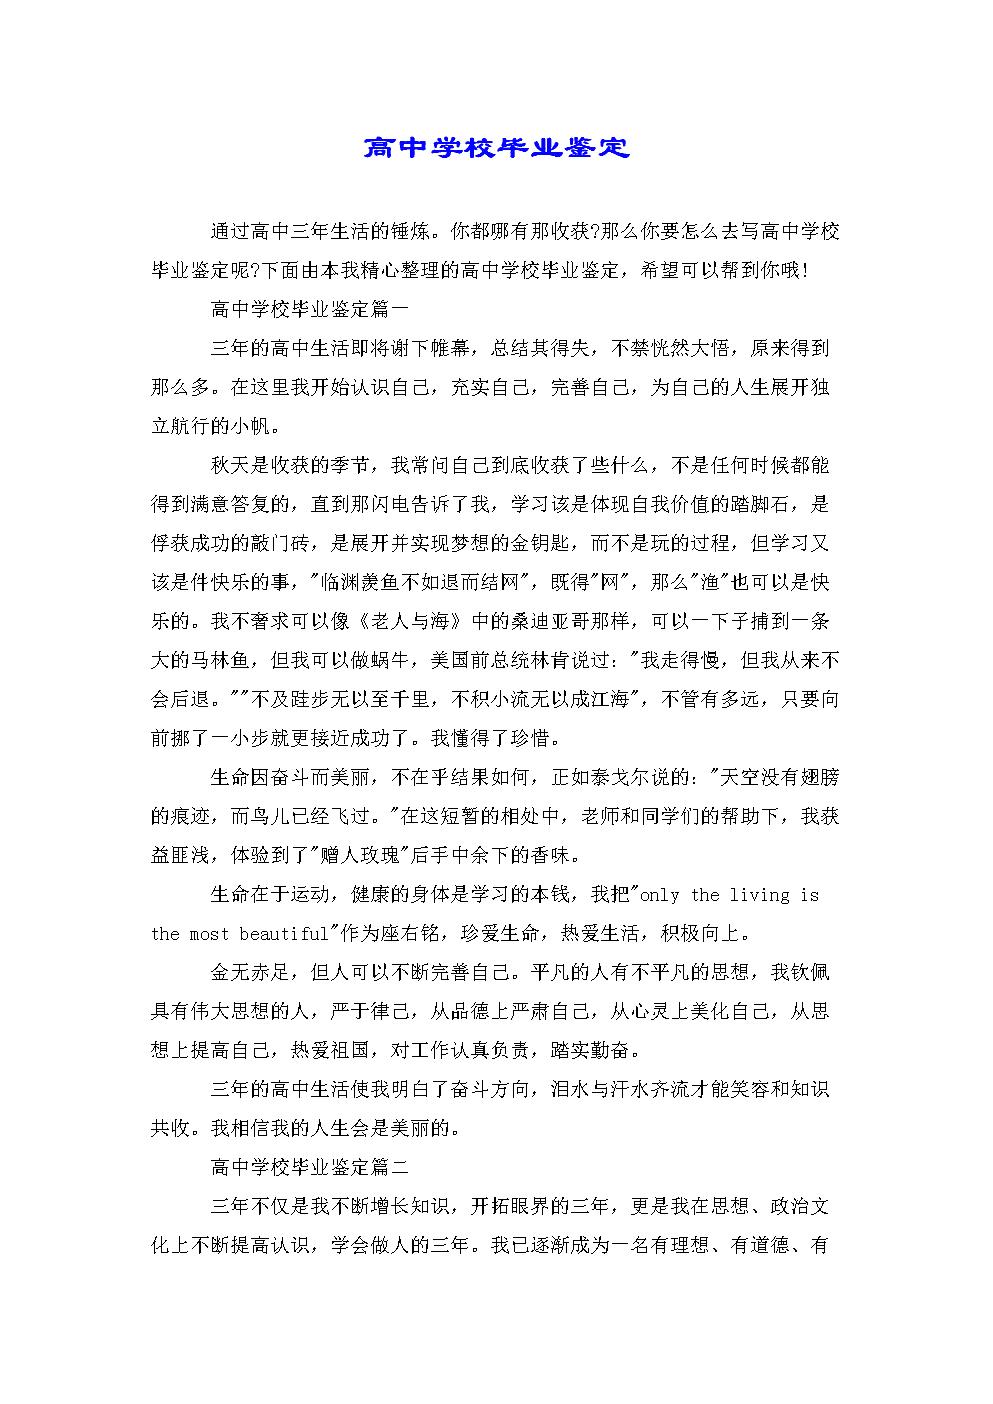 高中学校毕业鉴定.doc